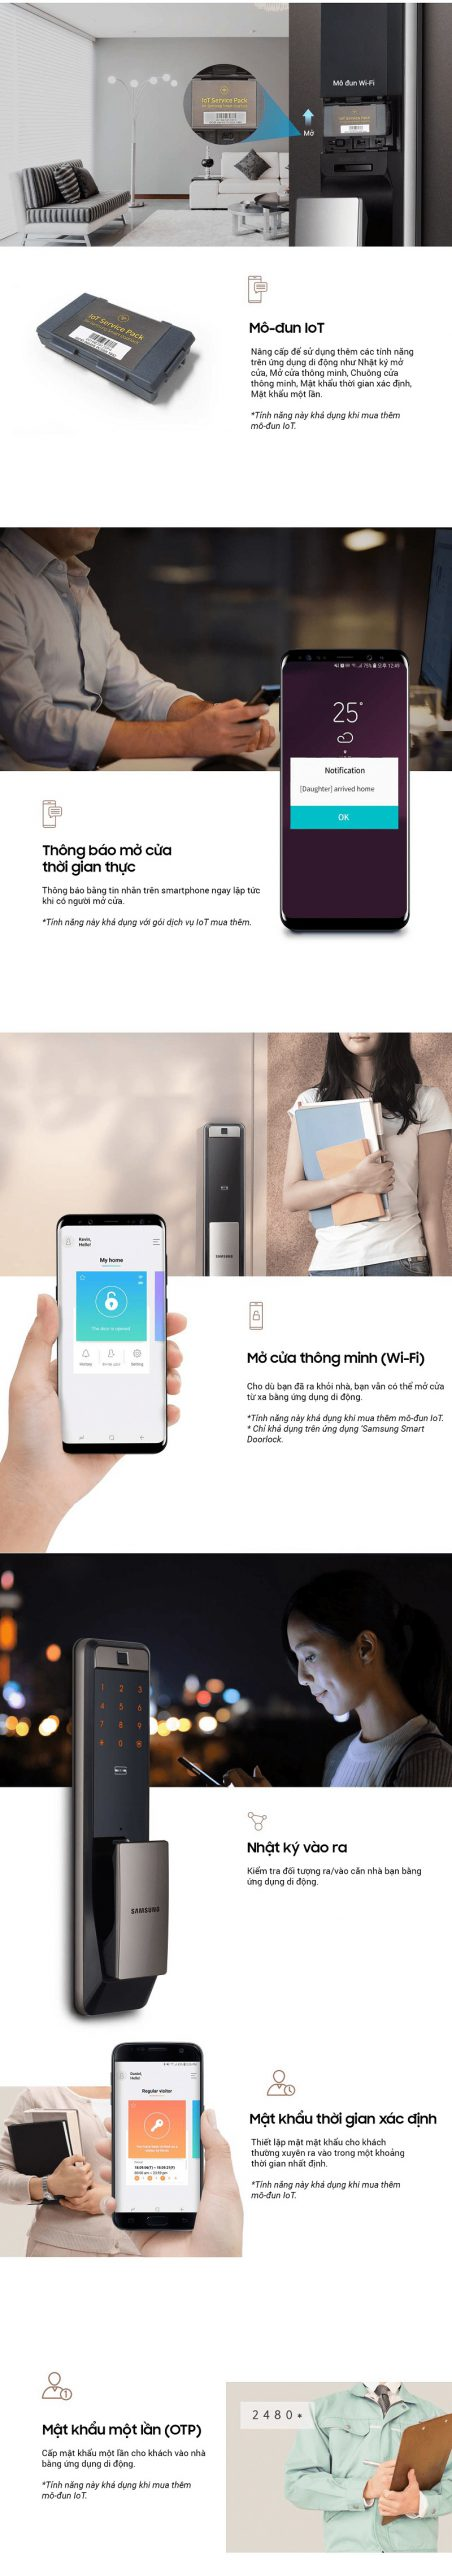 Mở khóa bằng ứng dụng trên smartphone qua kết nối wifi